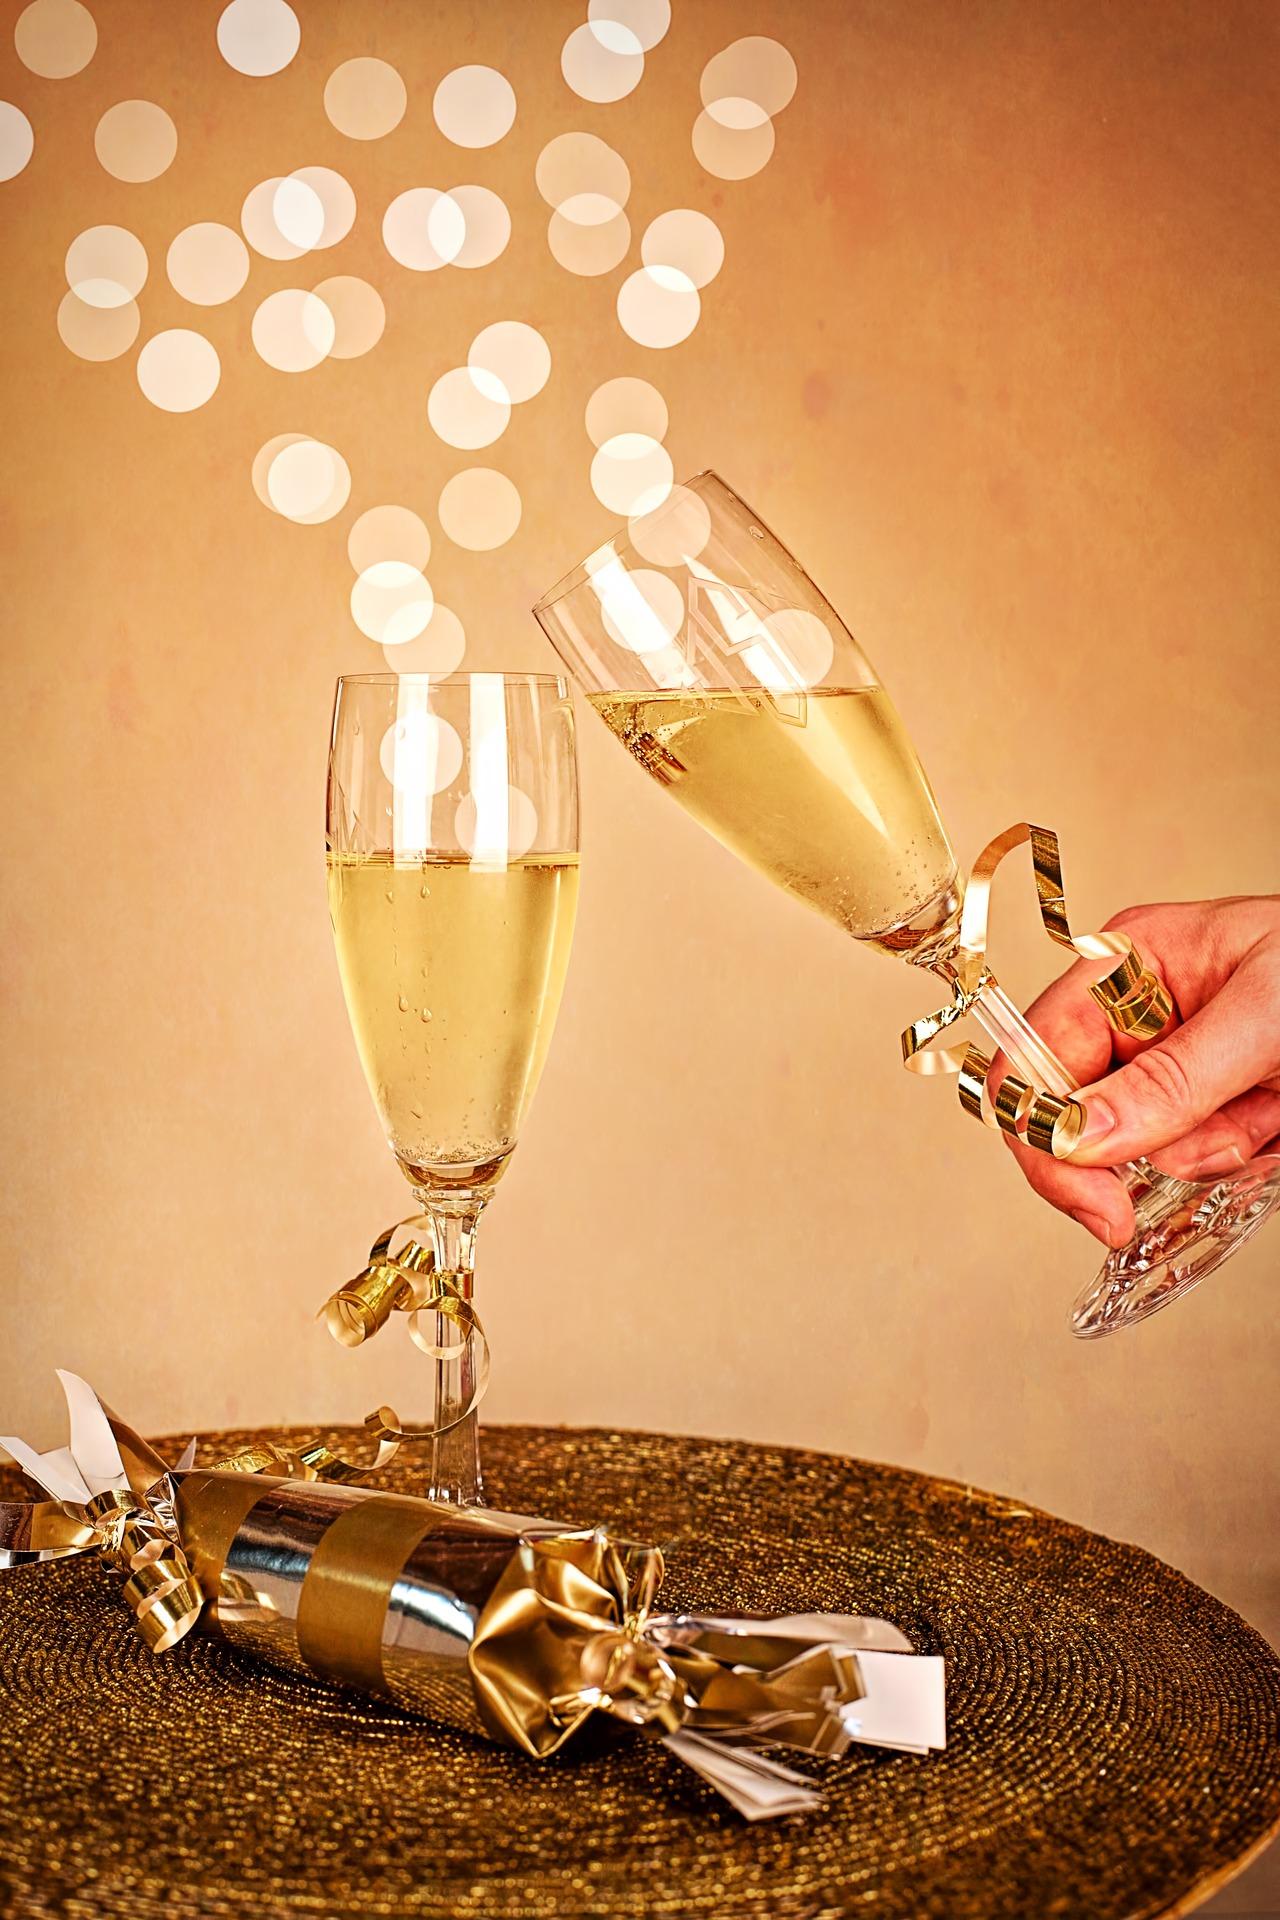 Cin cin e buon anno da Wein-Plus - la guida dei vini eccellenti.